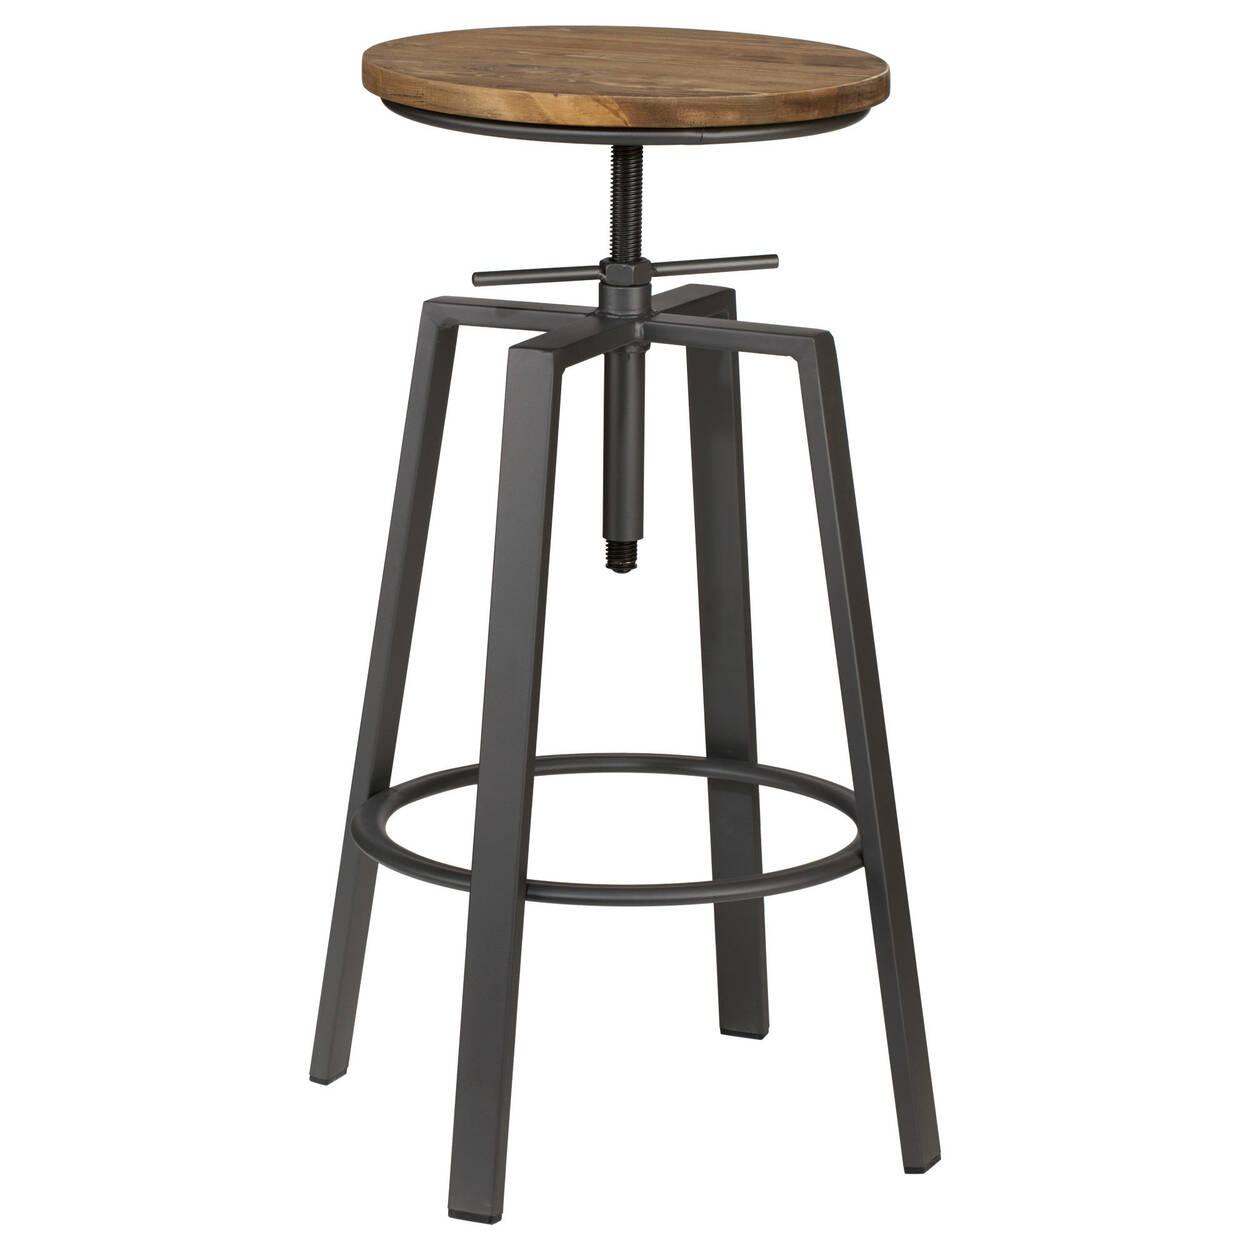 bar chrisearl stool earl stools furniture metal chris